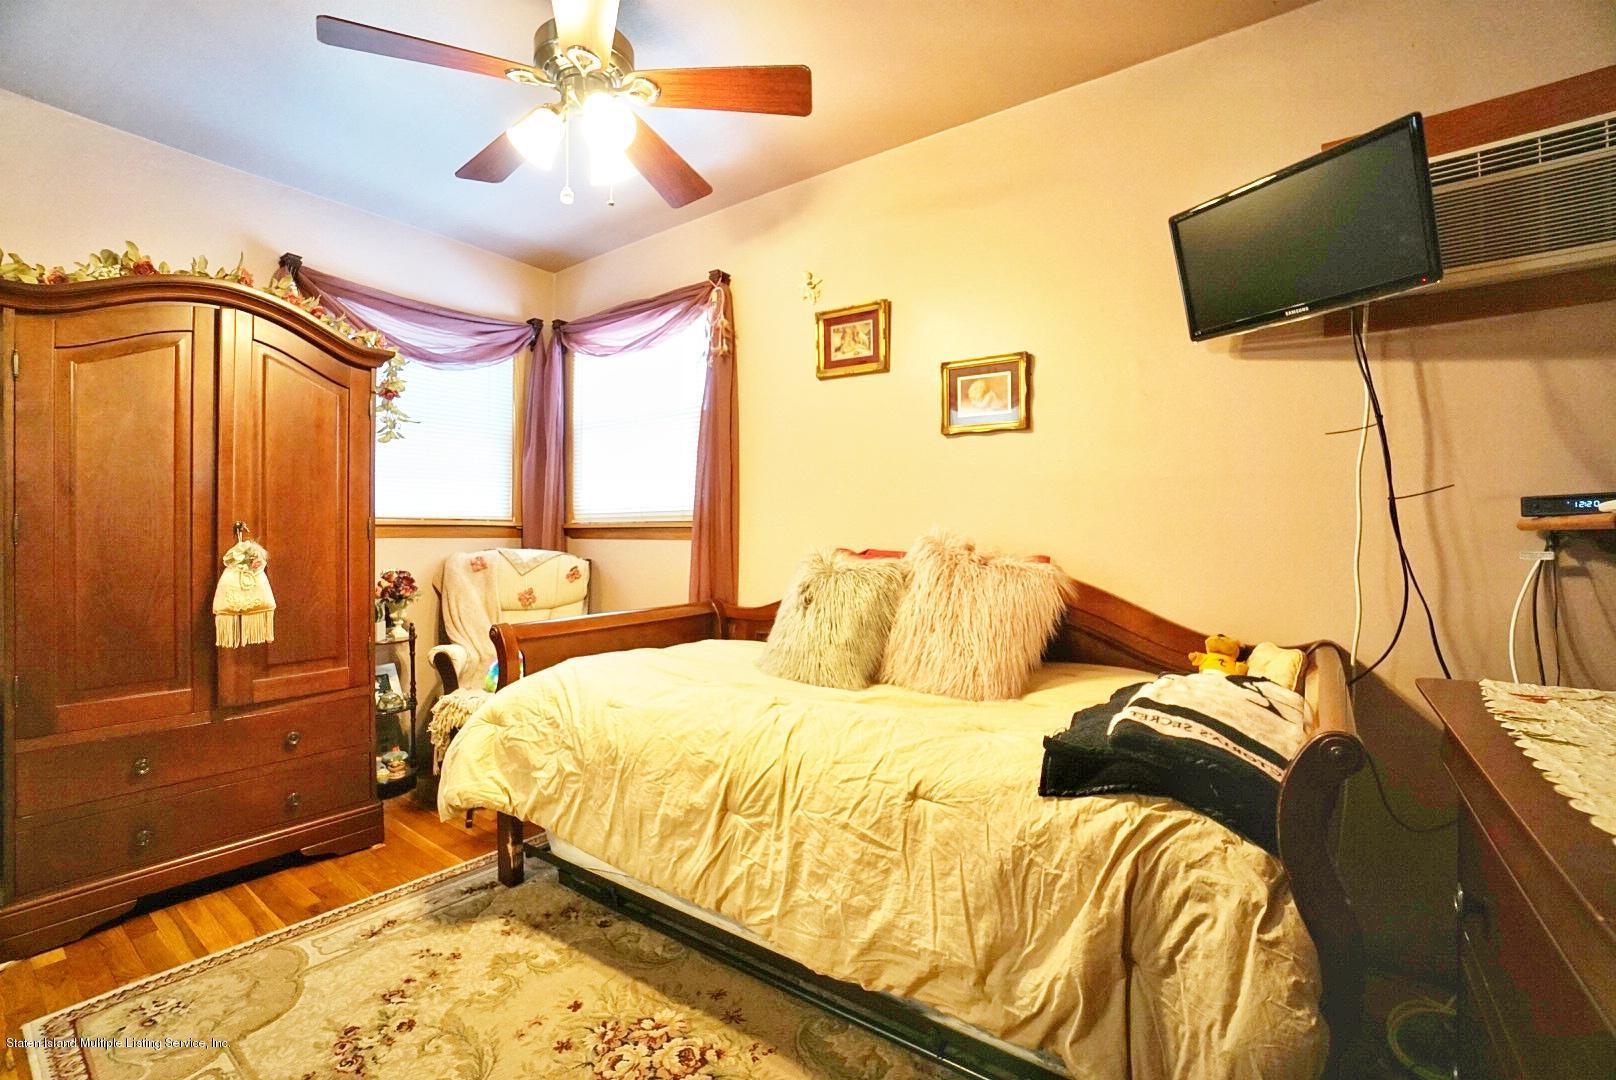 Single Family - Semi-Attached 366 Fairbanks Avenue  Staten Island, NY 10306, MLS-1127458-23